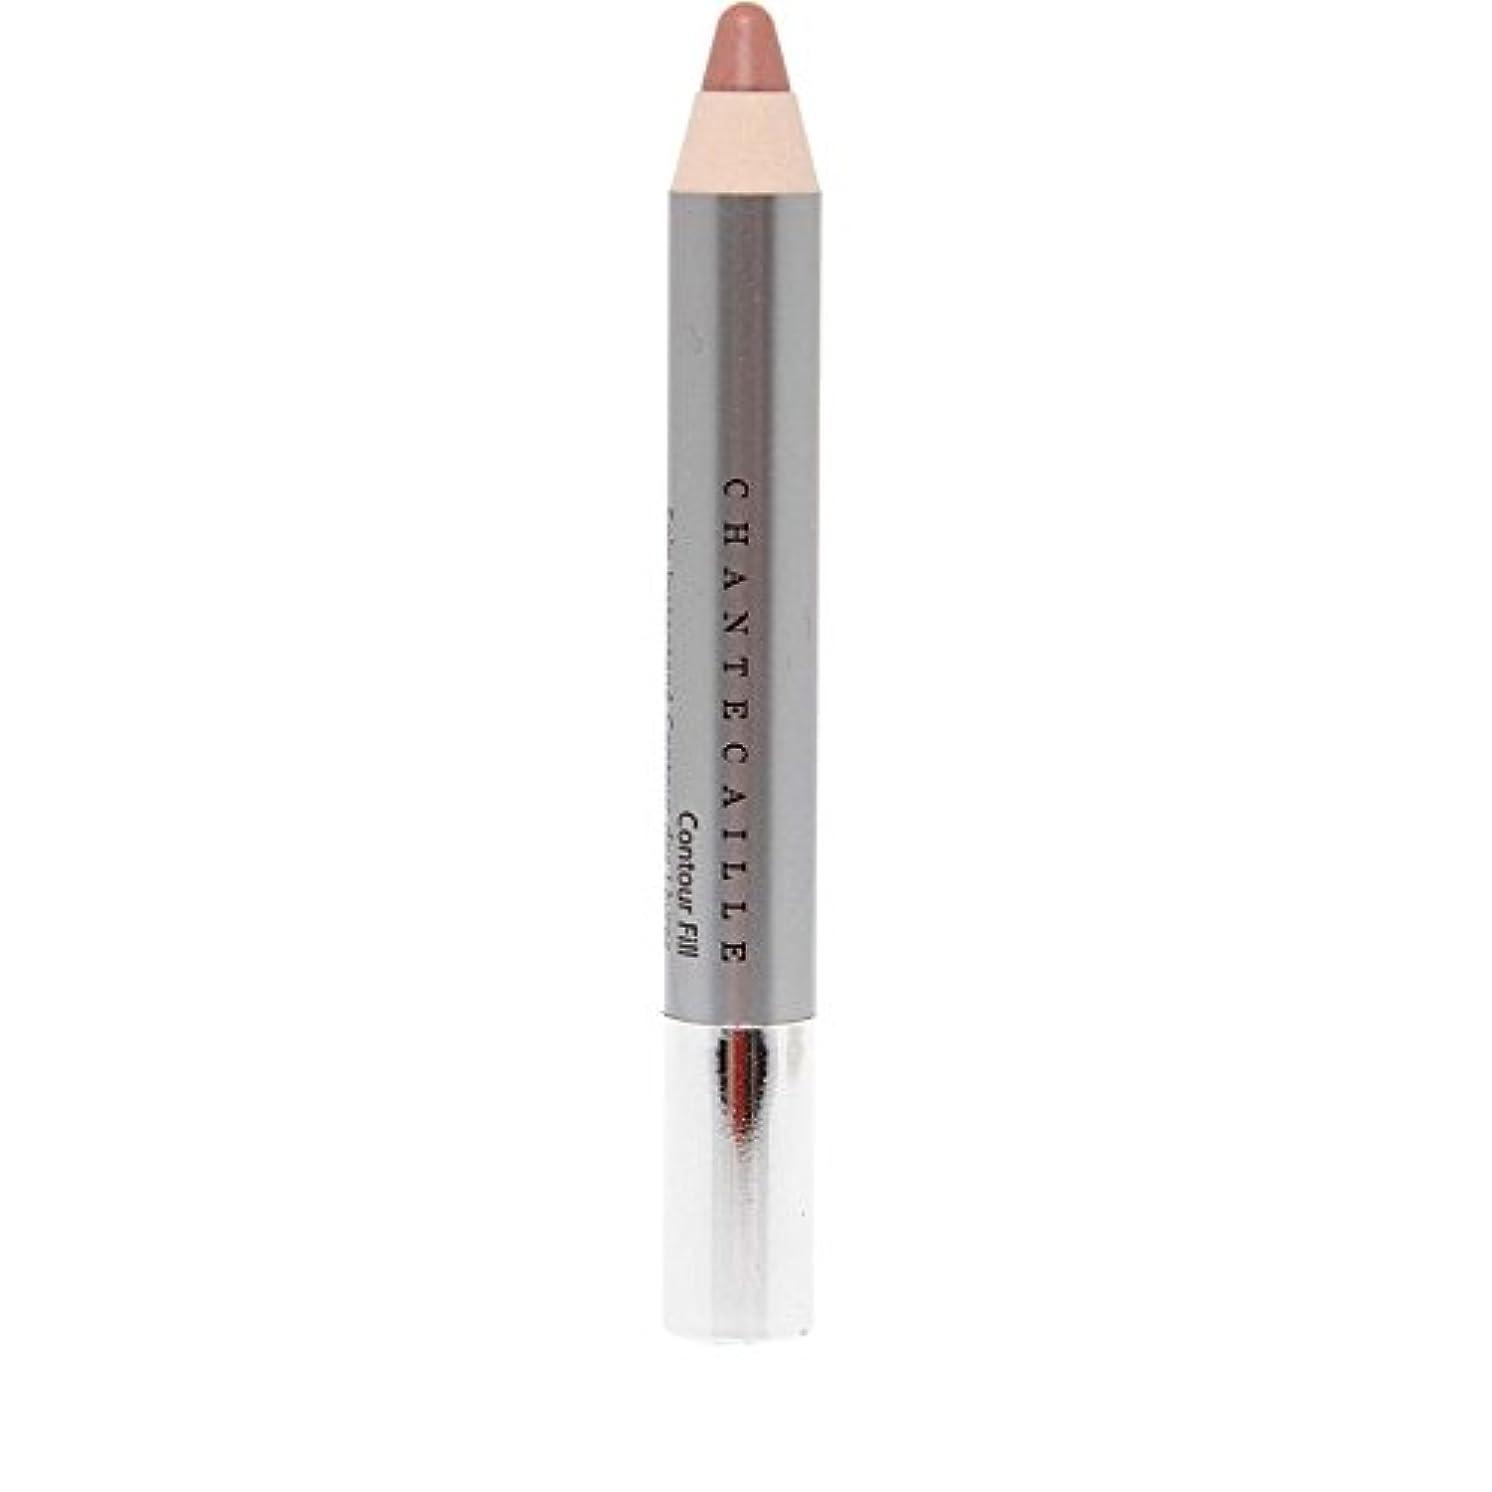 うがい薬進化アピールシャンテカイユリップ輪郭フィル鉛筆 x4 - Chantecaille Lip Contour Fill Pencil (Pack of 4) [並行輸入品]